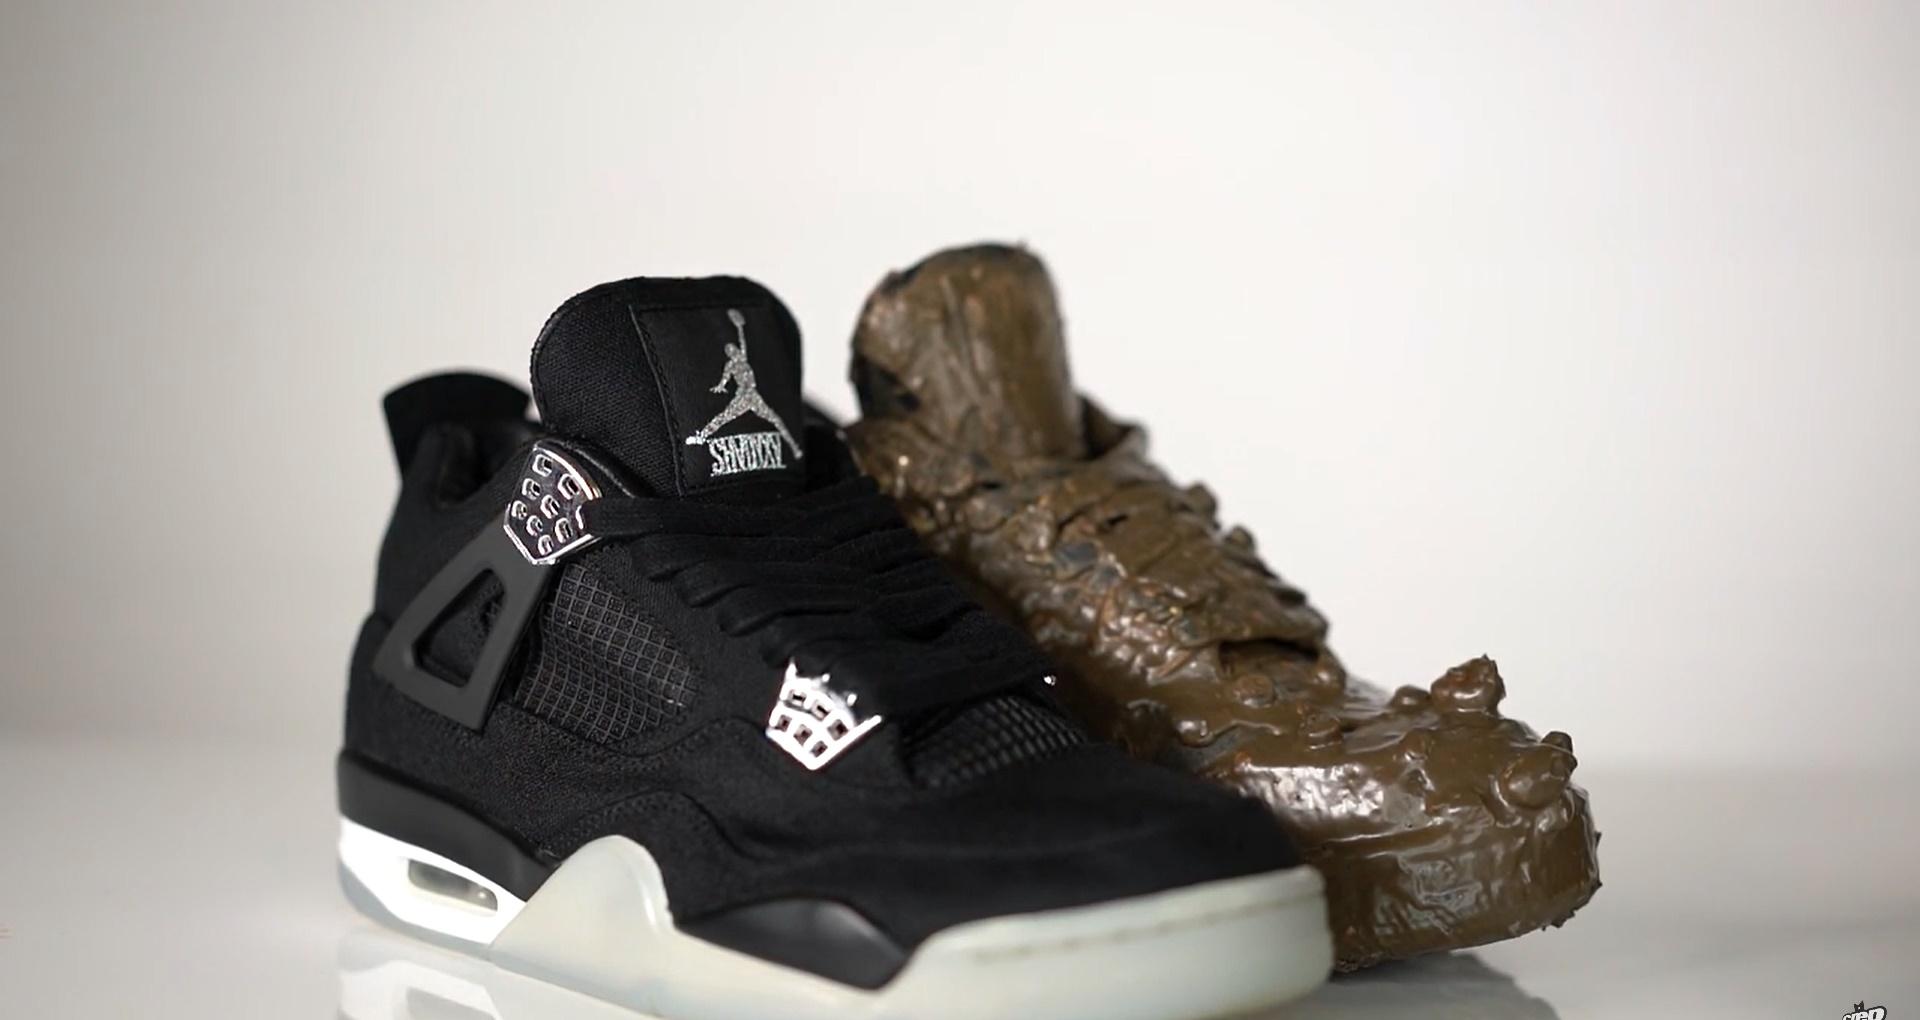 eminem jordan carhartt, crepprotect sneakers chocolate, crepprotect eminem sneakers, crepprotect pulizia scarpe